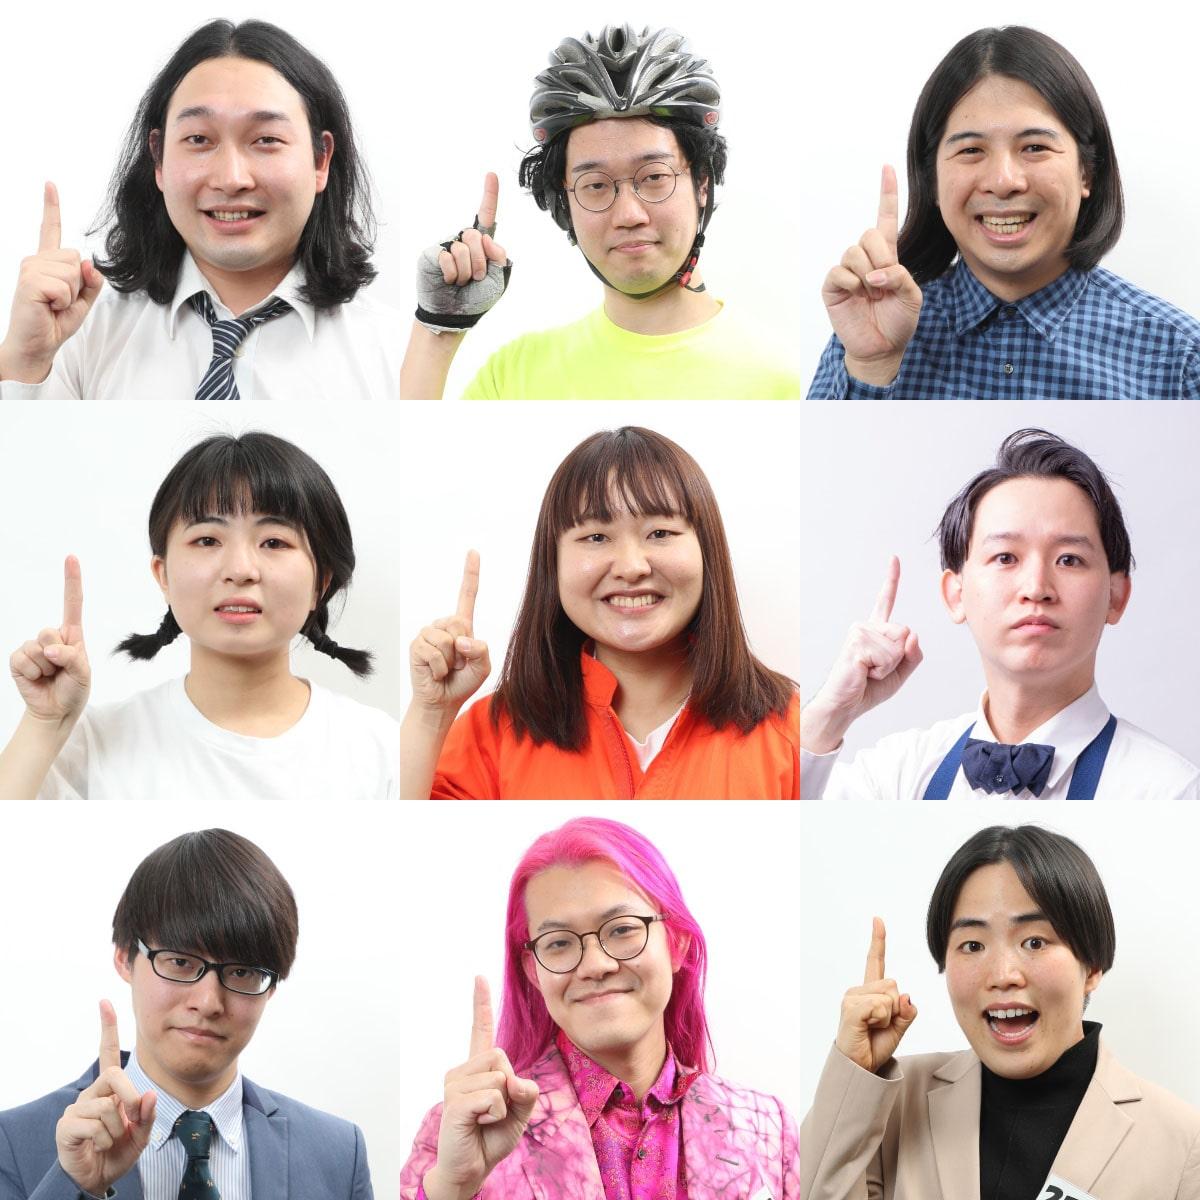 かが屋賀屋、森本サイダー、高田ぽる子、吉住、kento fukayaら「R-1 ...